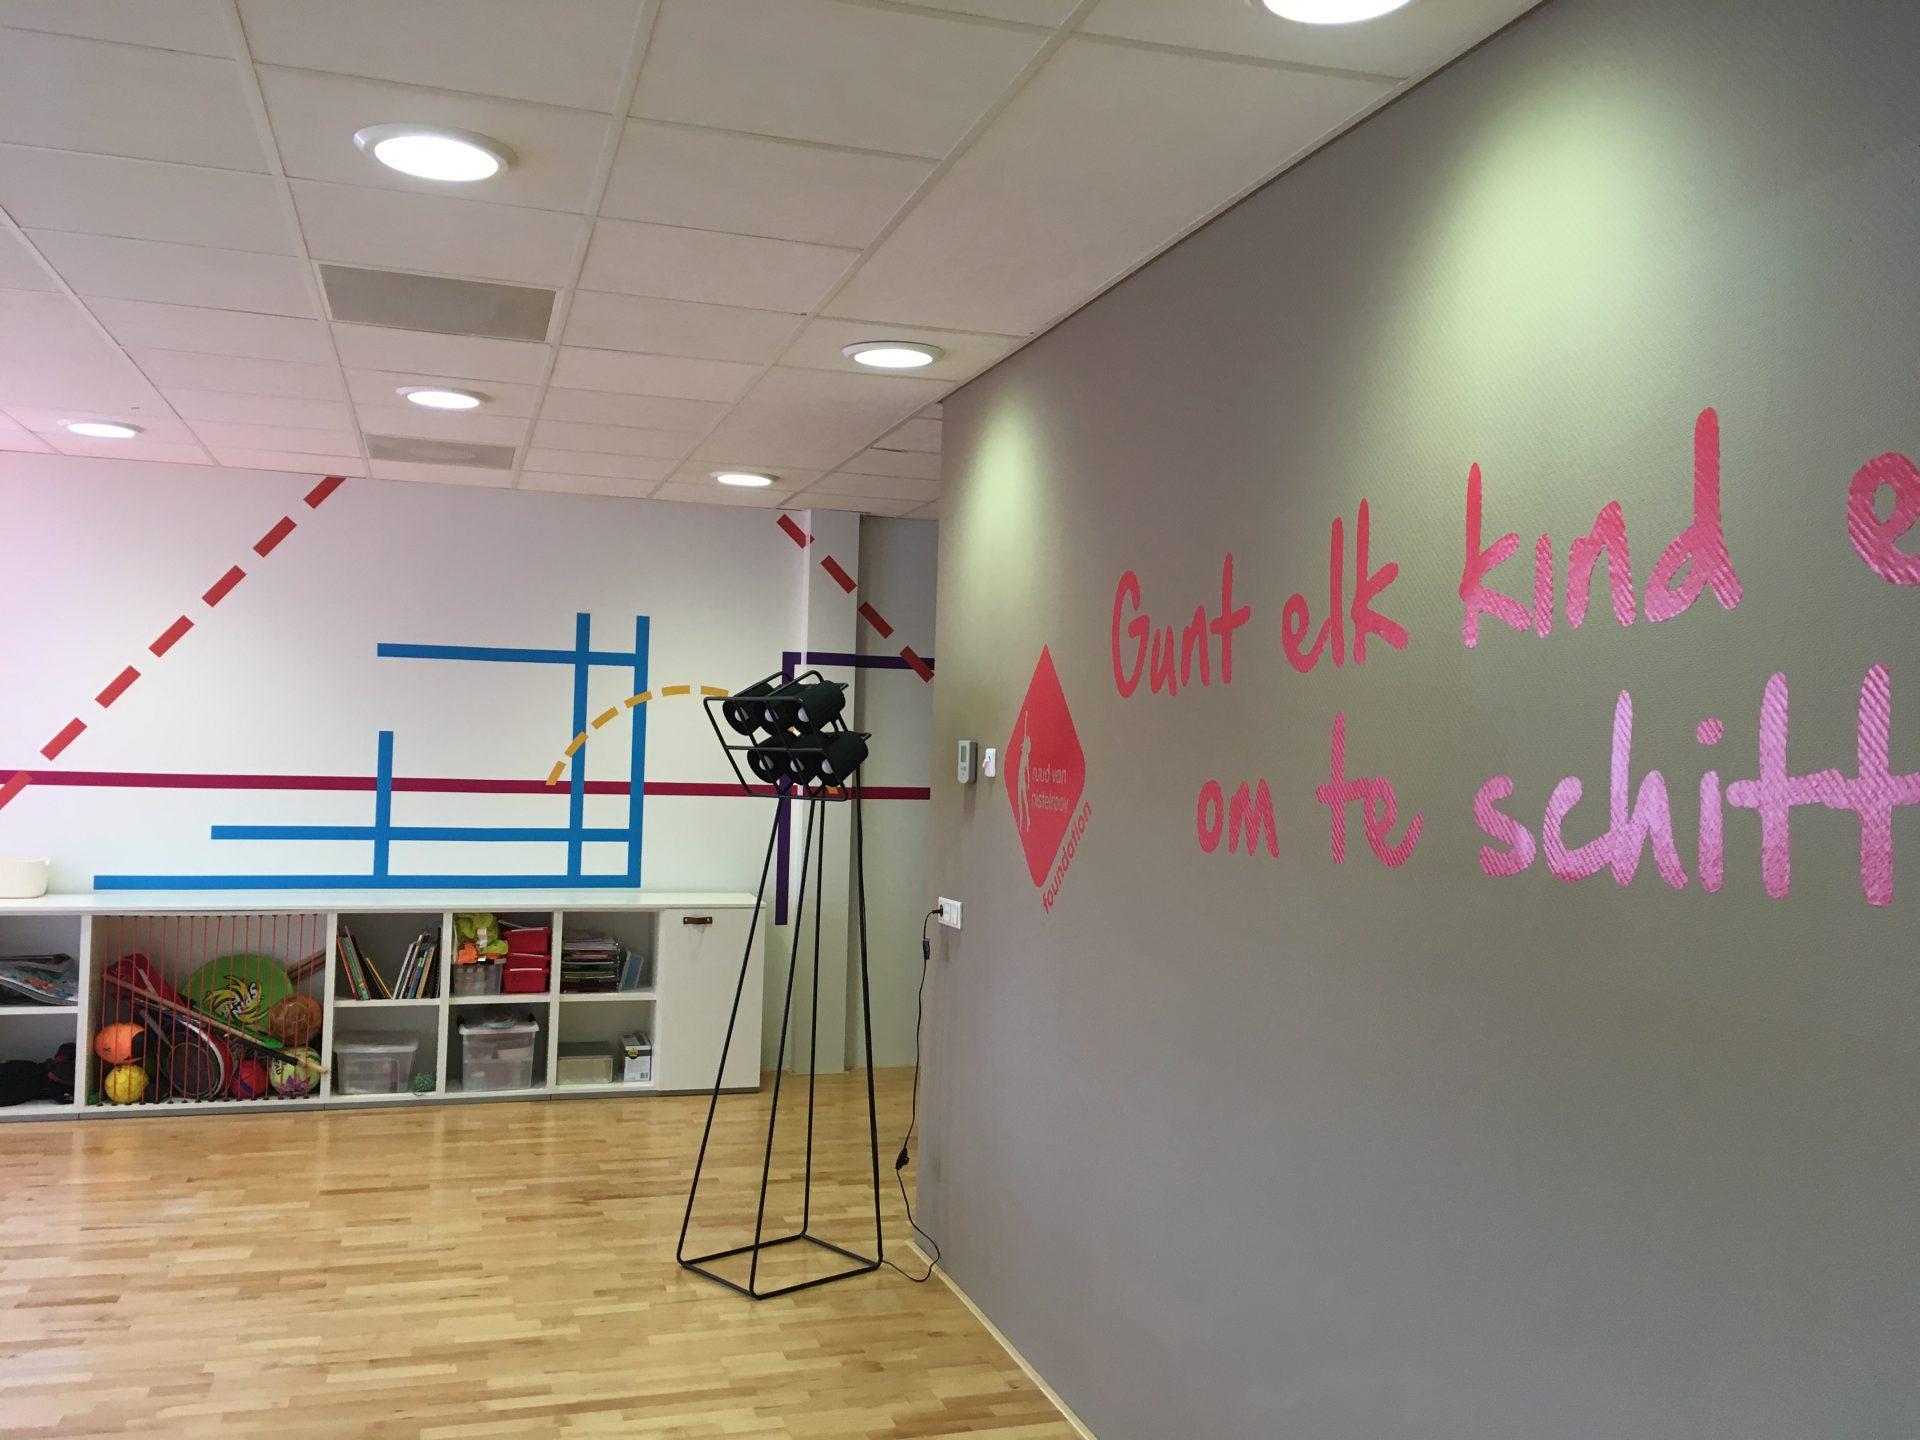 Ruud van Nistelrooy Foundation